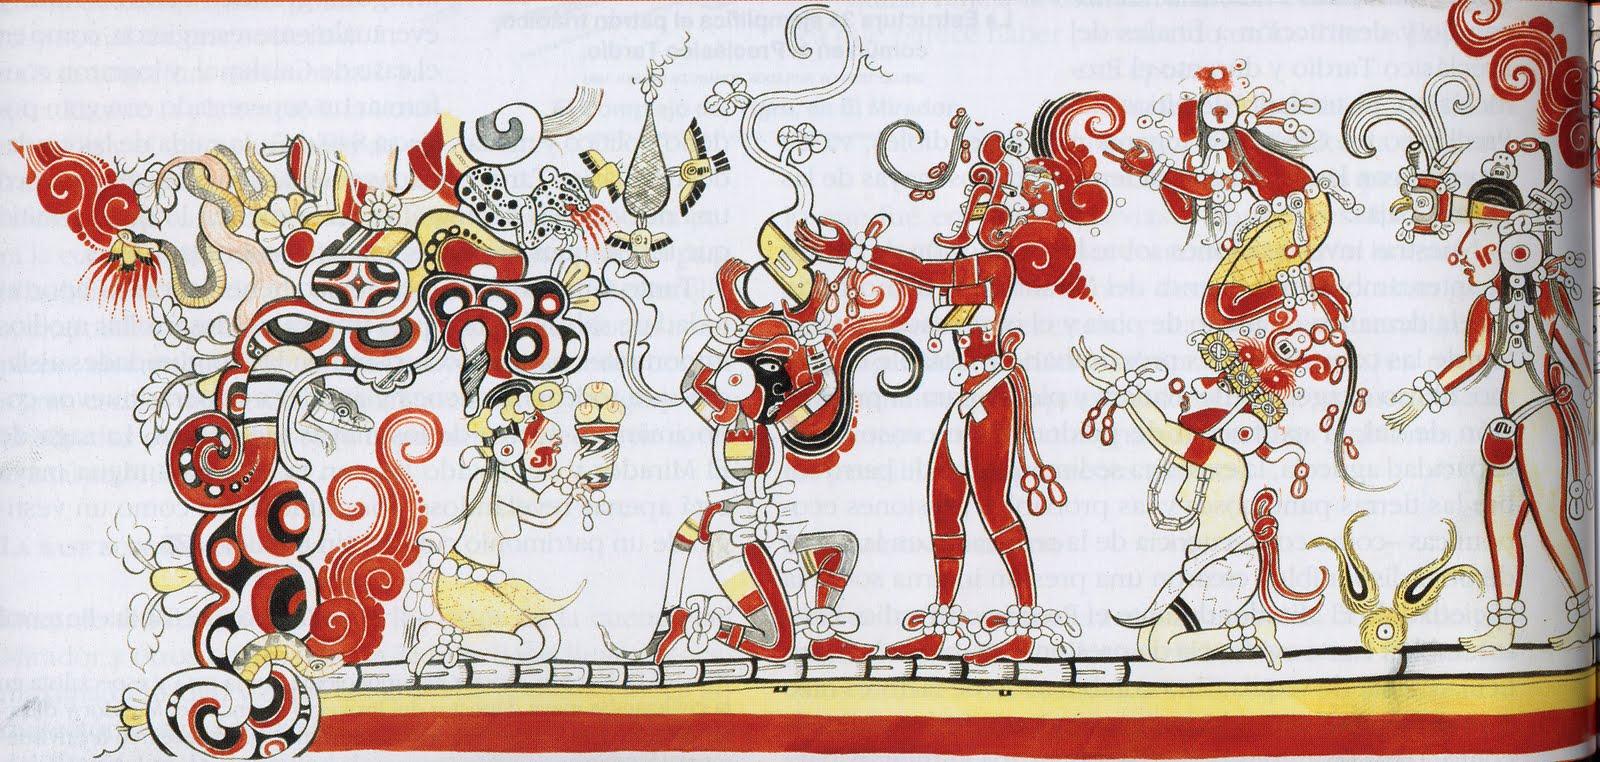 Literatura y mundo maya los murales mayas conferencia for Murales de fotos para pared